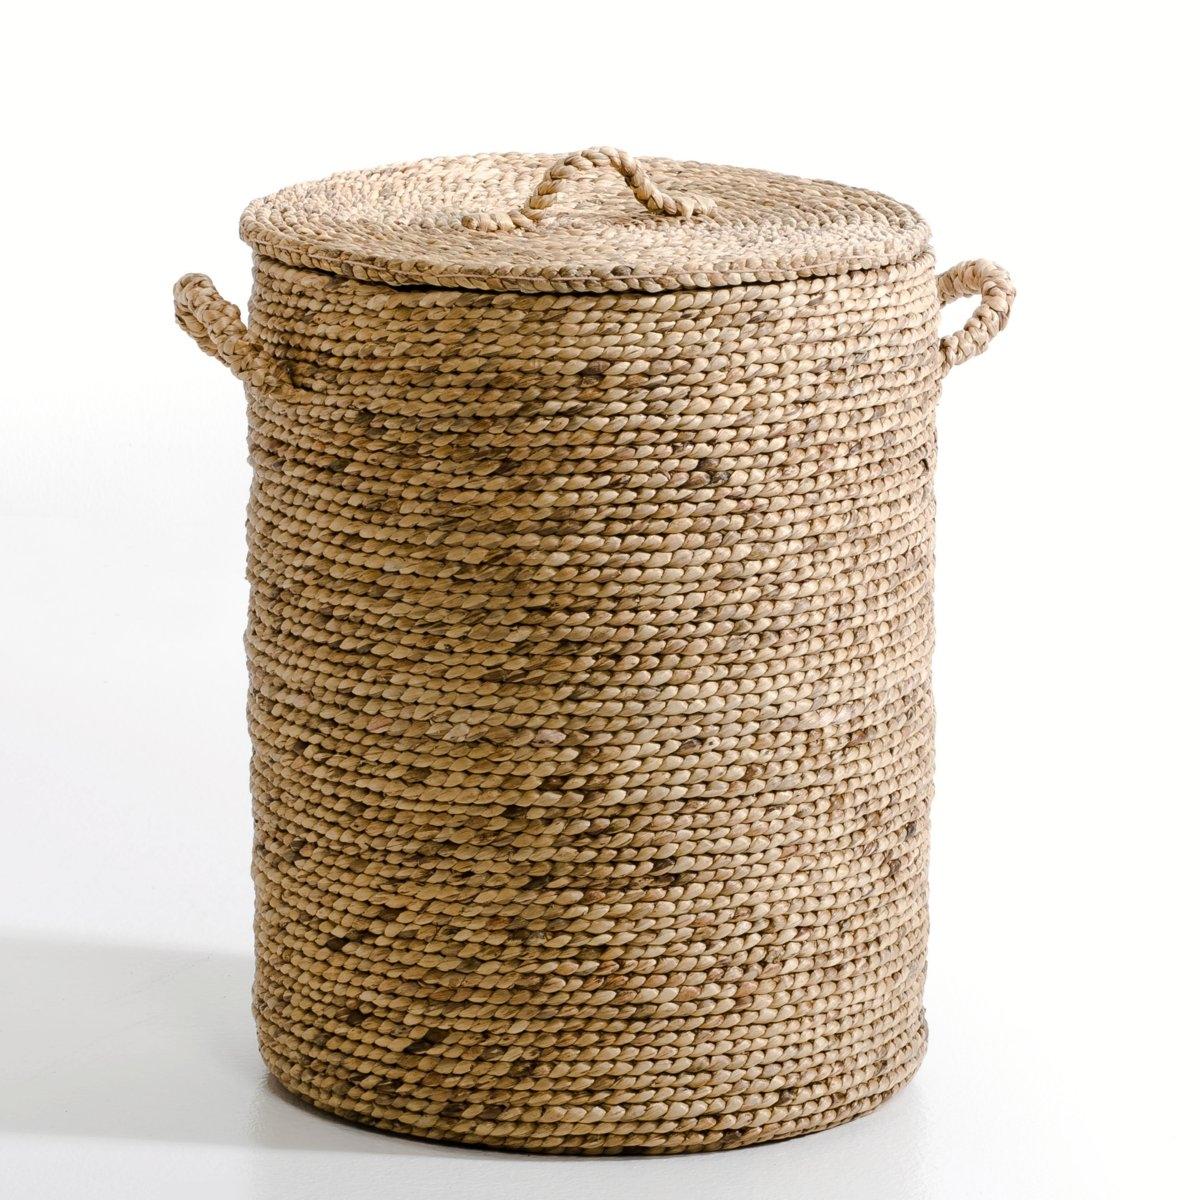 Корзина круглая из плетеных волокон эйхорнии. В60 см, Liane от La Redoute